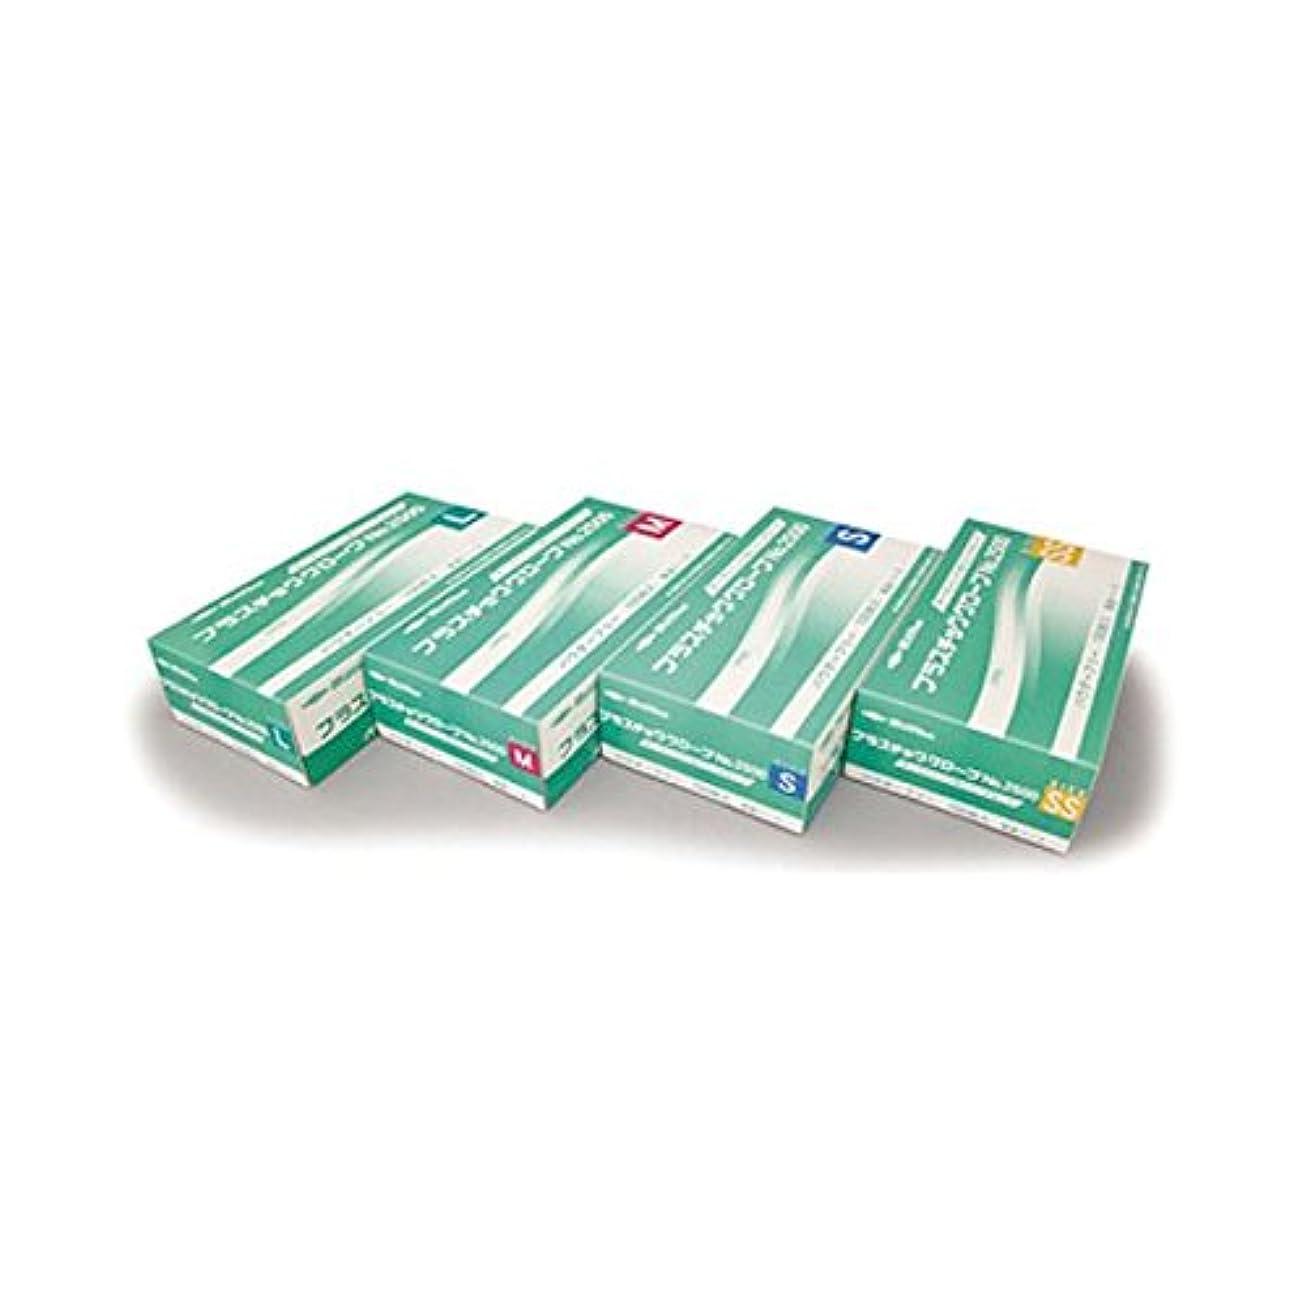 対人チャールズキージング全員(業務用20セット) 共和 プラスチックグローブNo2500 L LH-2500-L